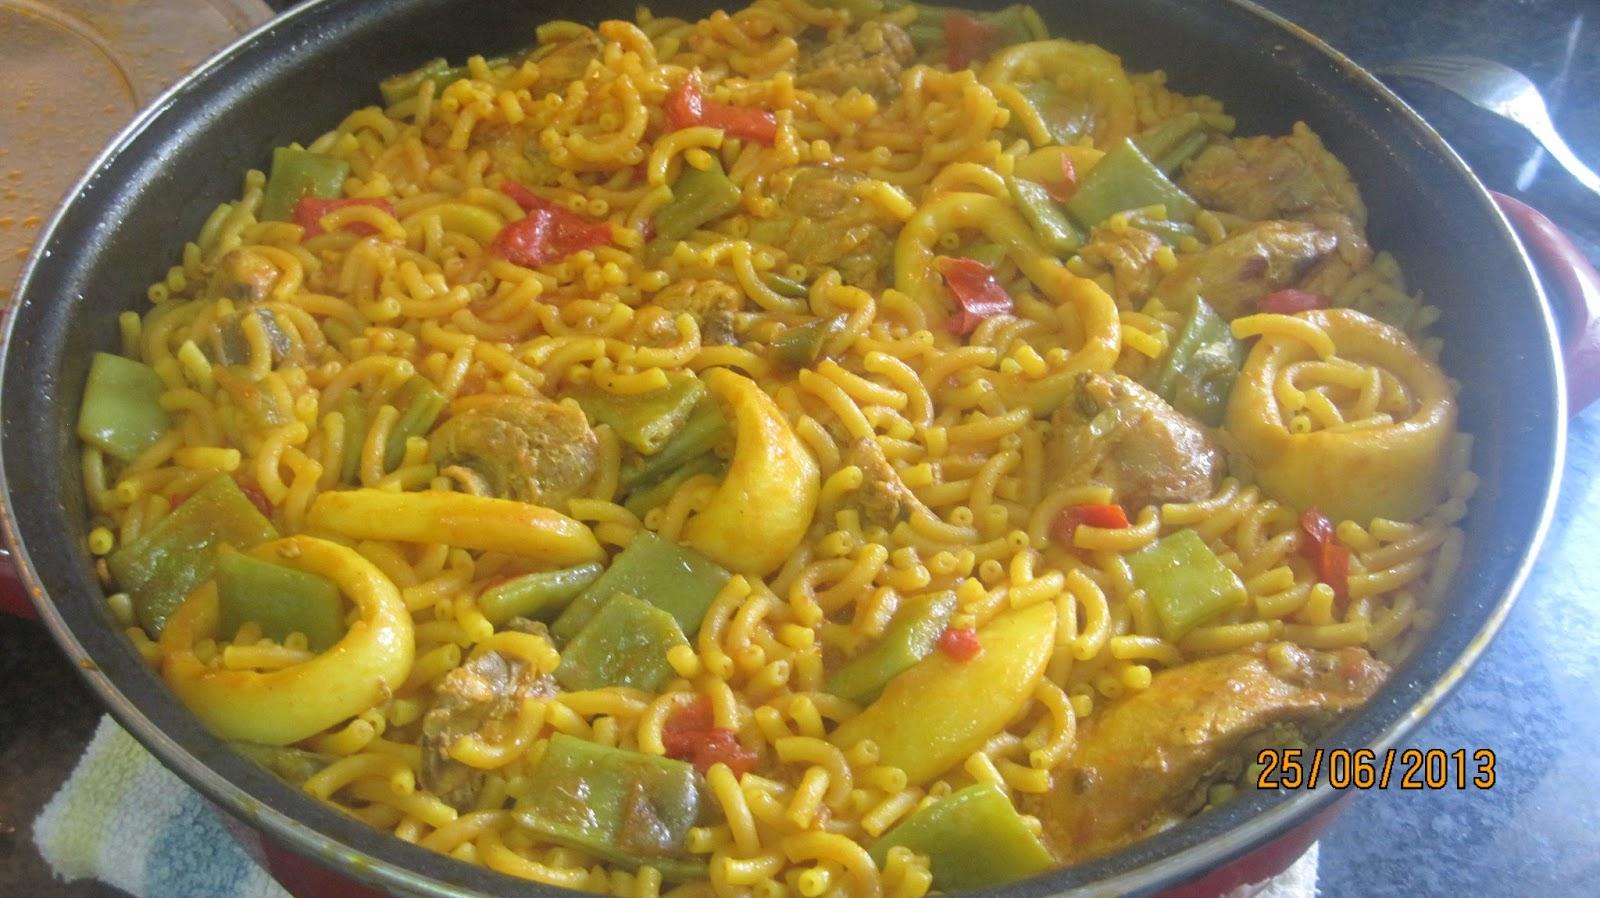 Recetas de cocina casera fidehua en santiago de compostela for Recetas cocina casera